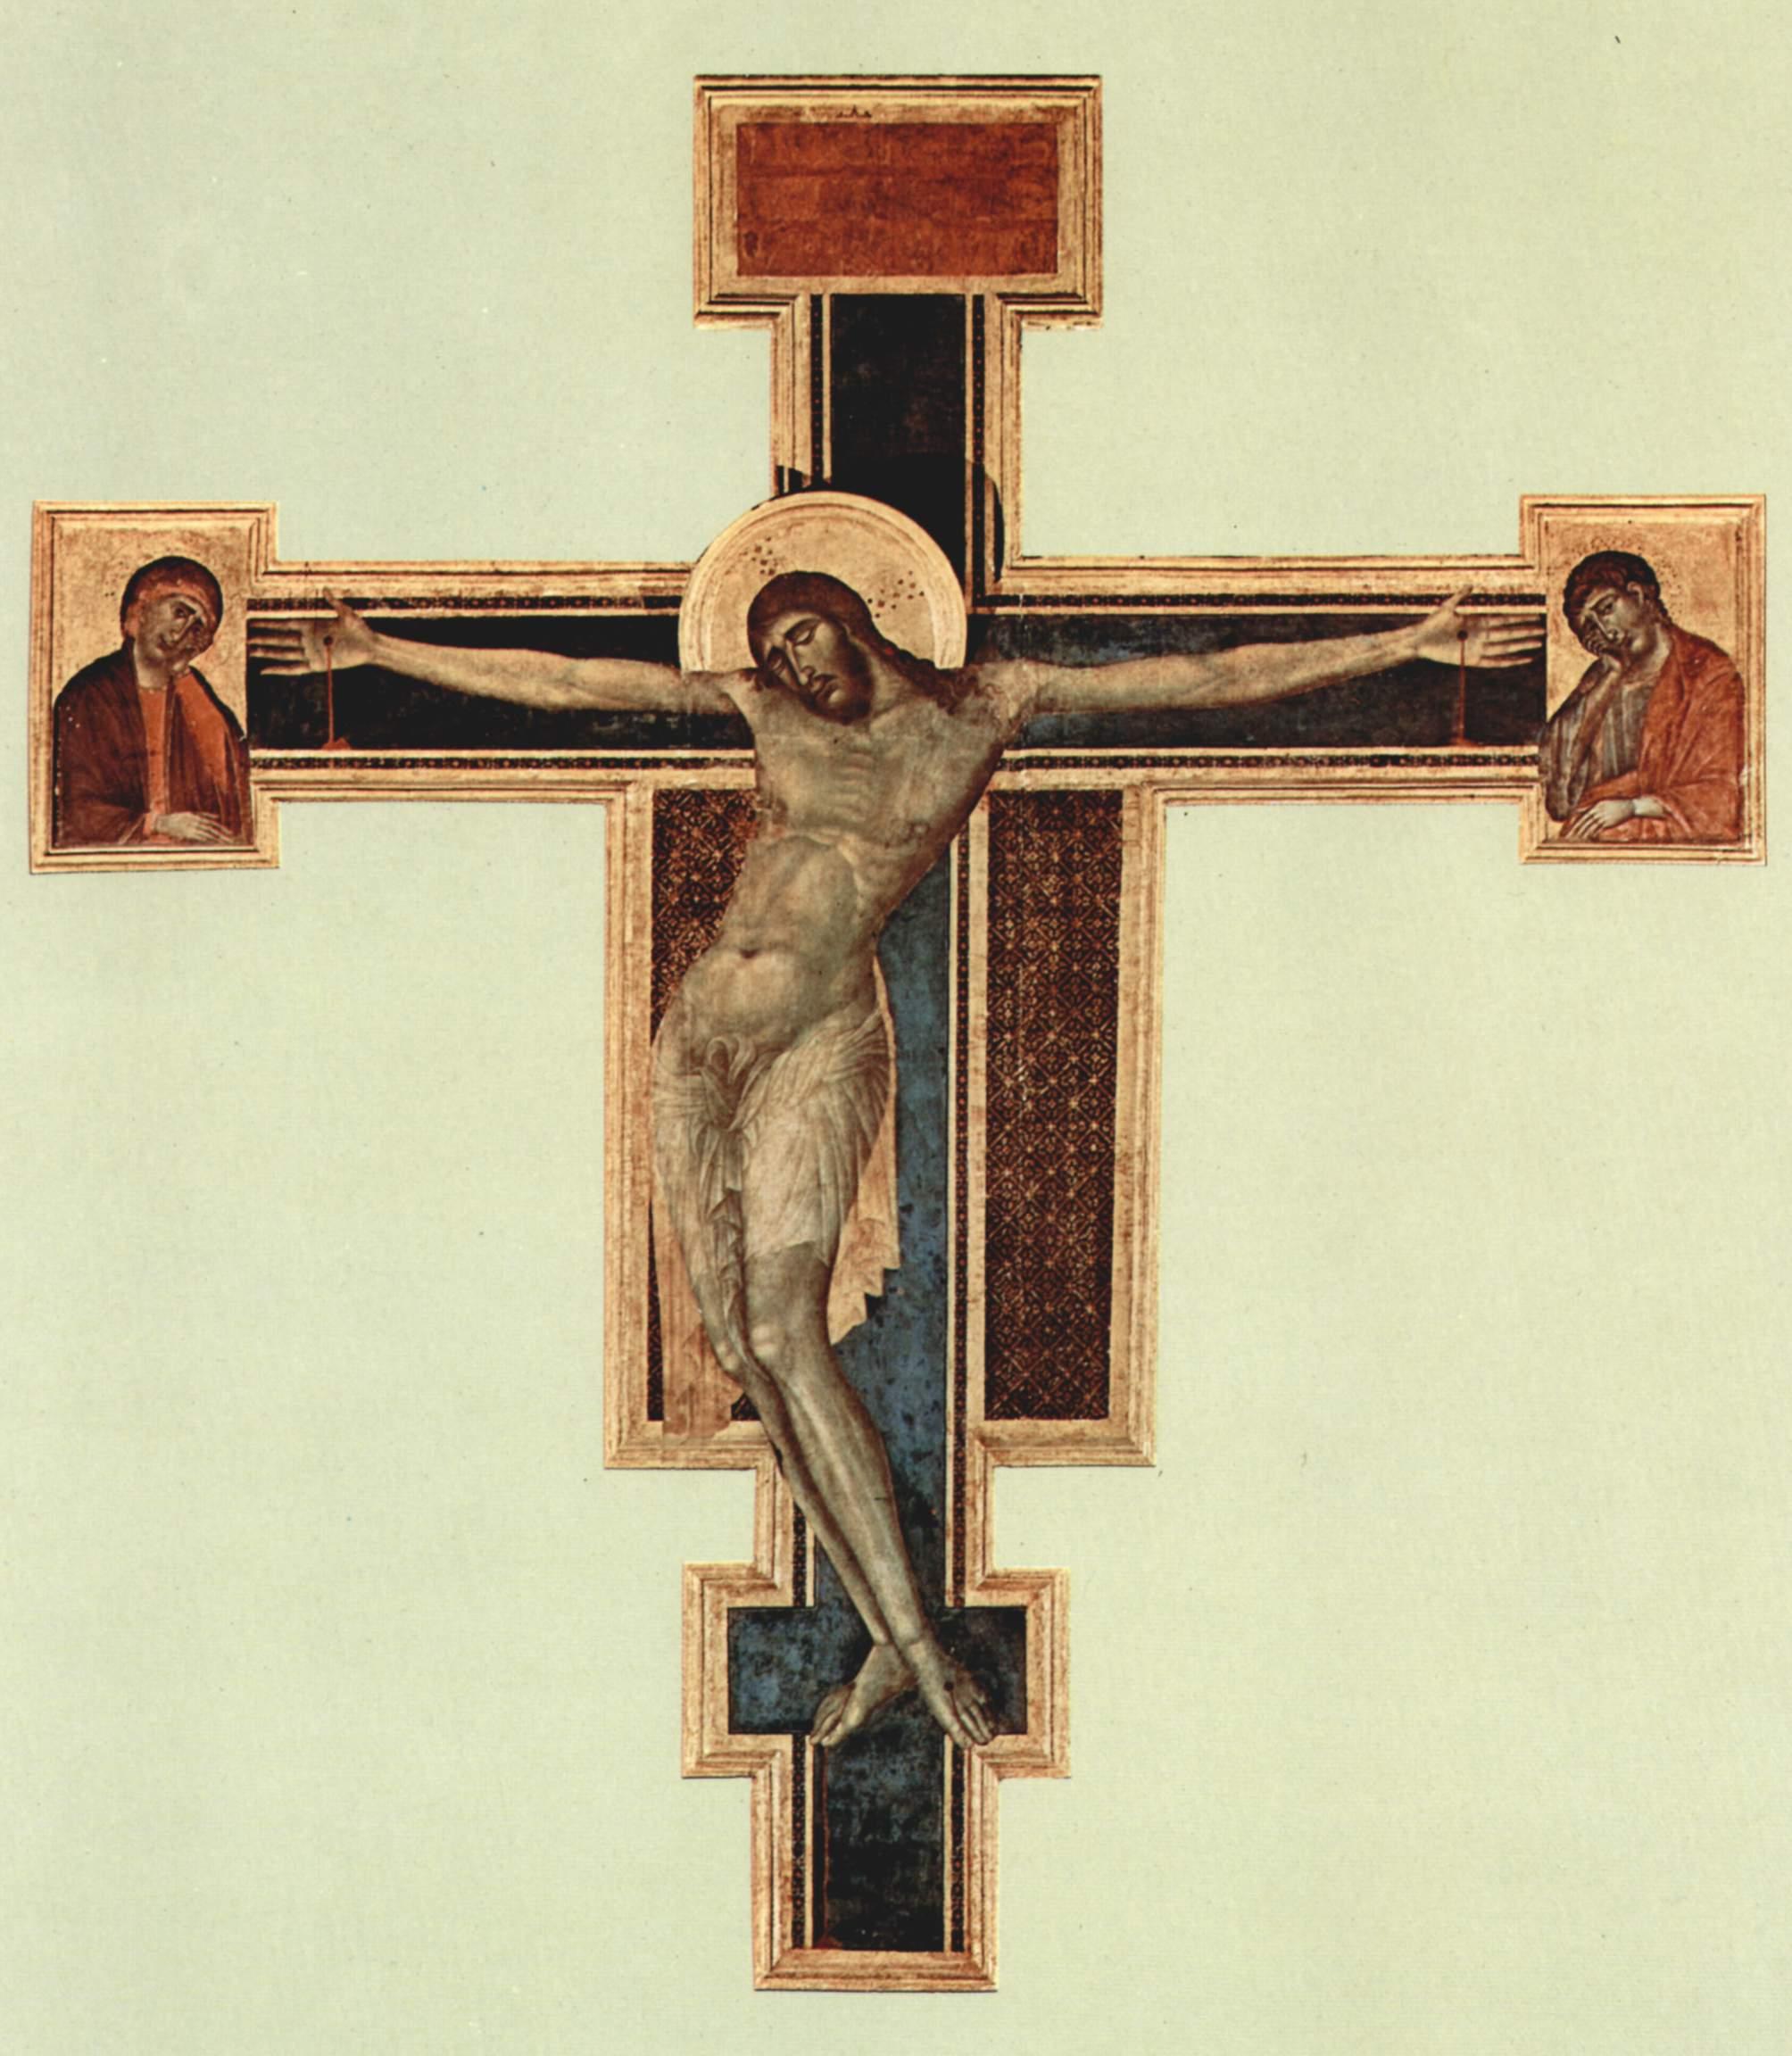 Croce.Crucifix Cimabue Santa Croce Wikipedia